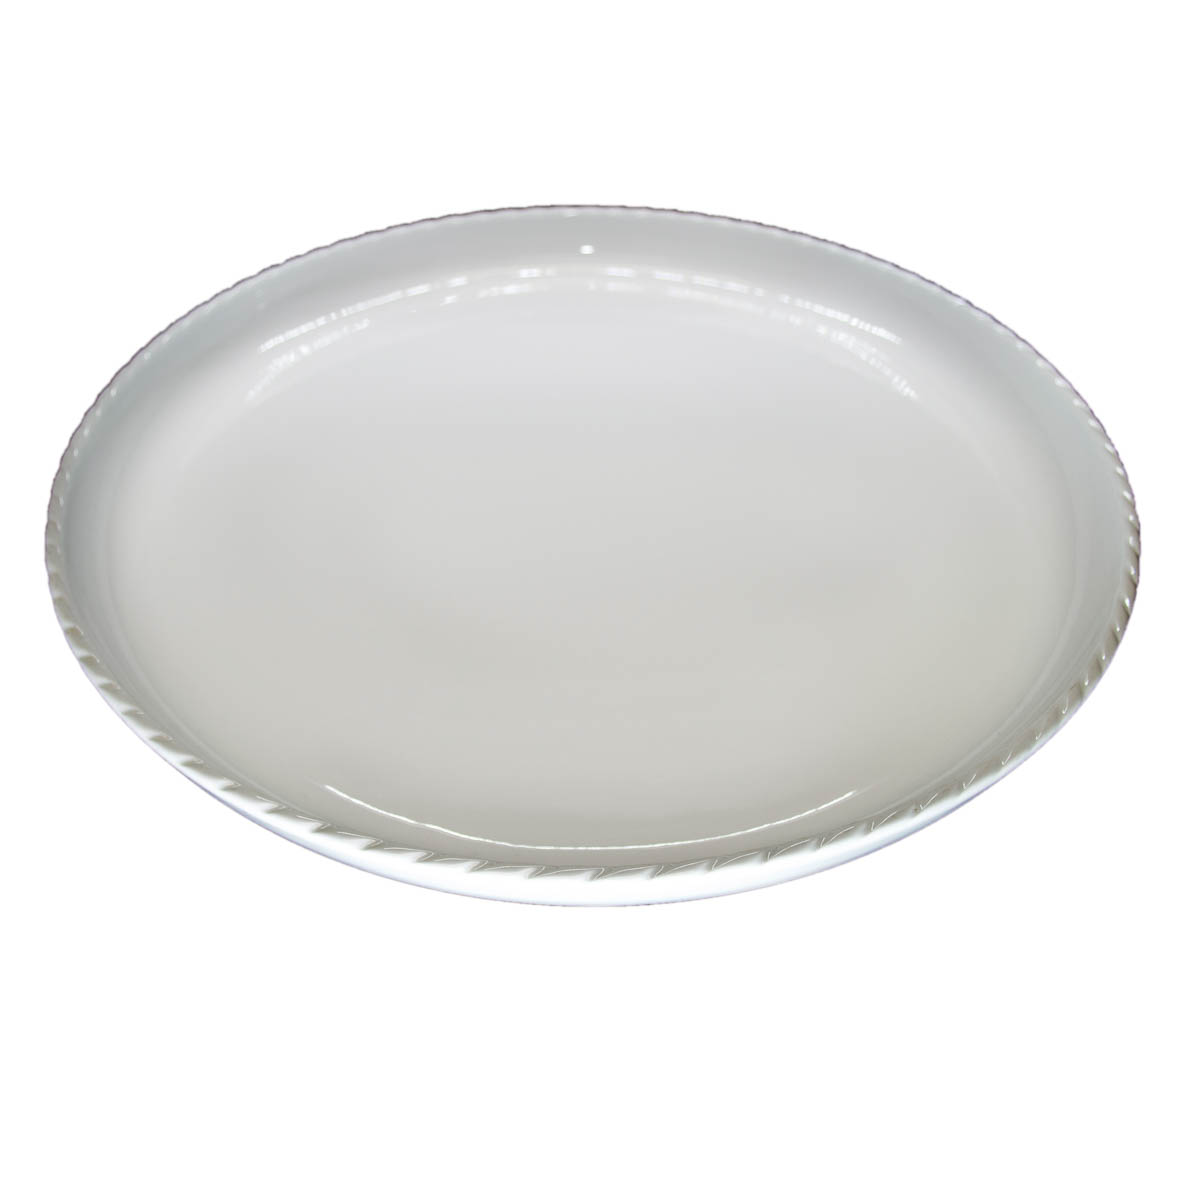 Travessa de Porcelana Redonda Rasa 43,5x4